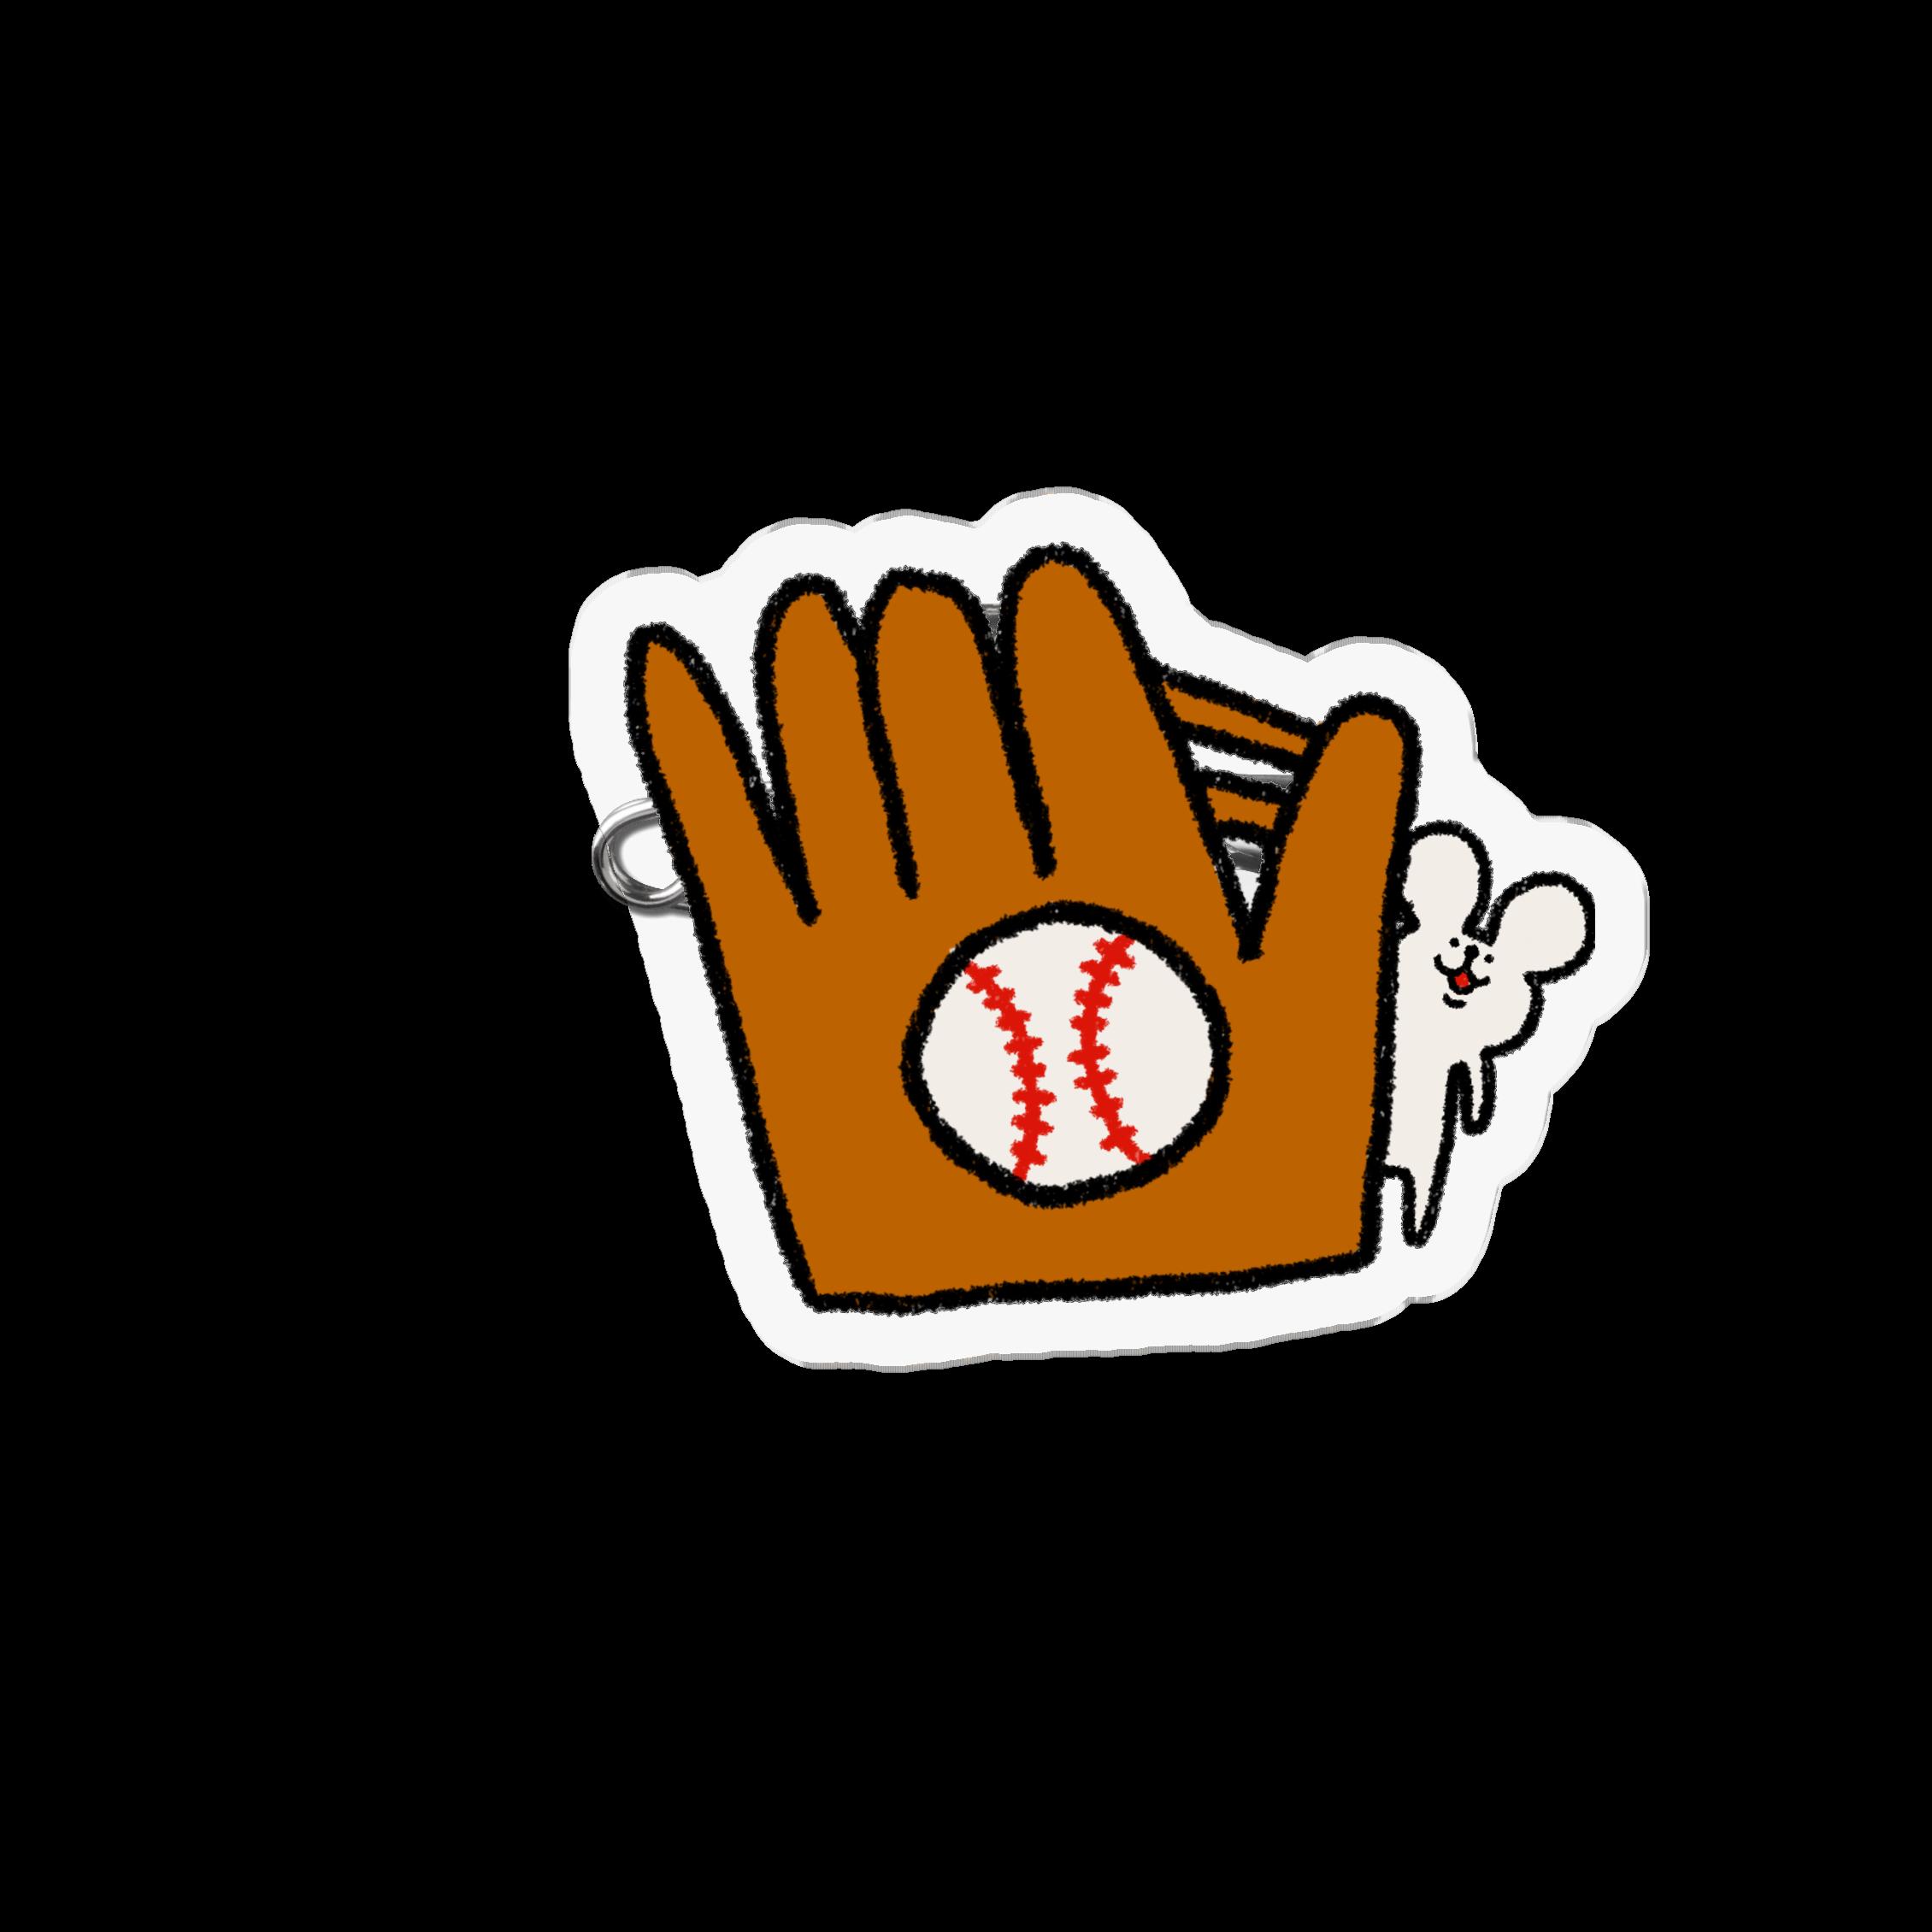 アクリルバッジ|野球しようや!